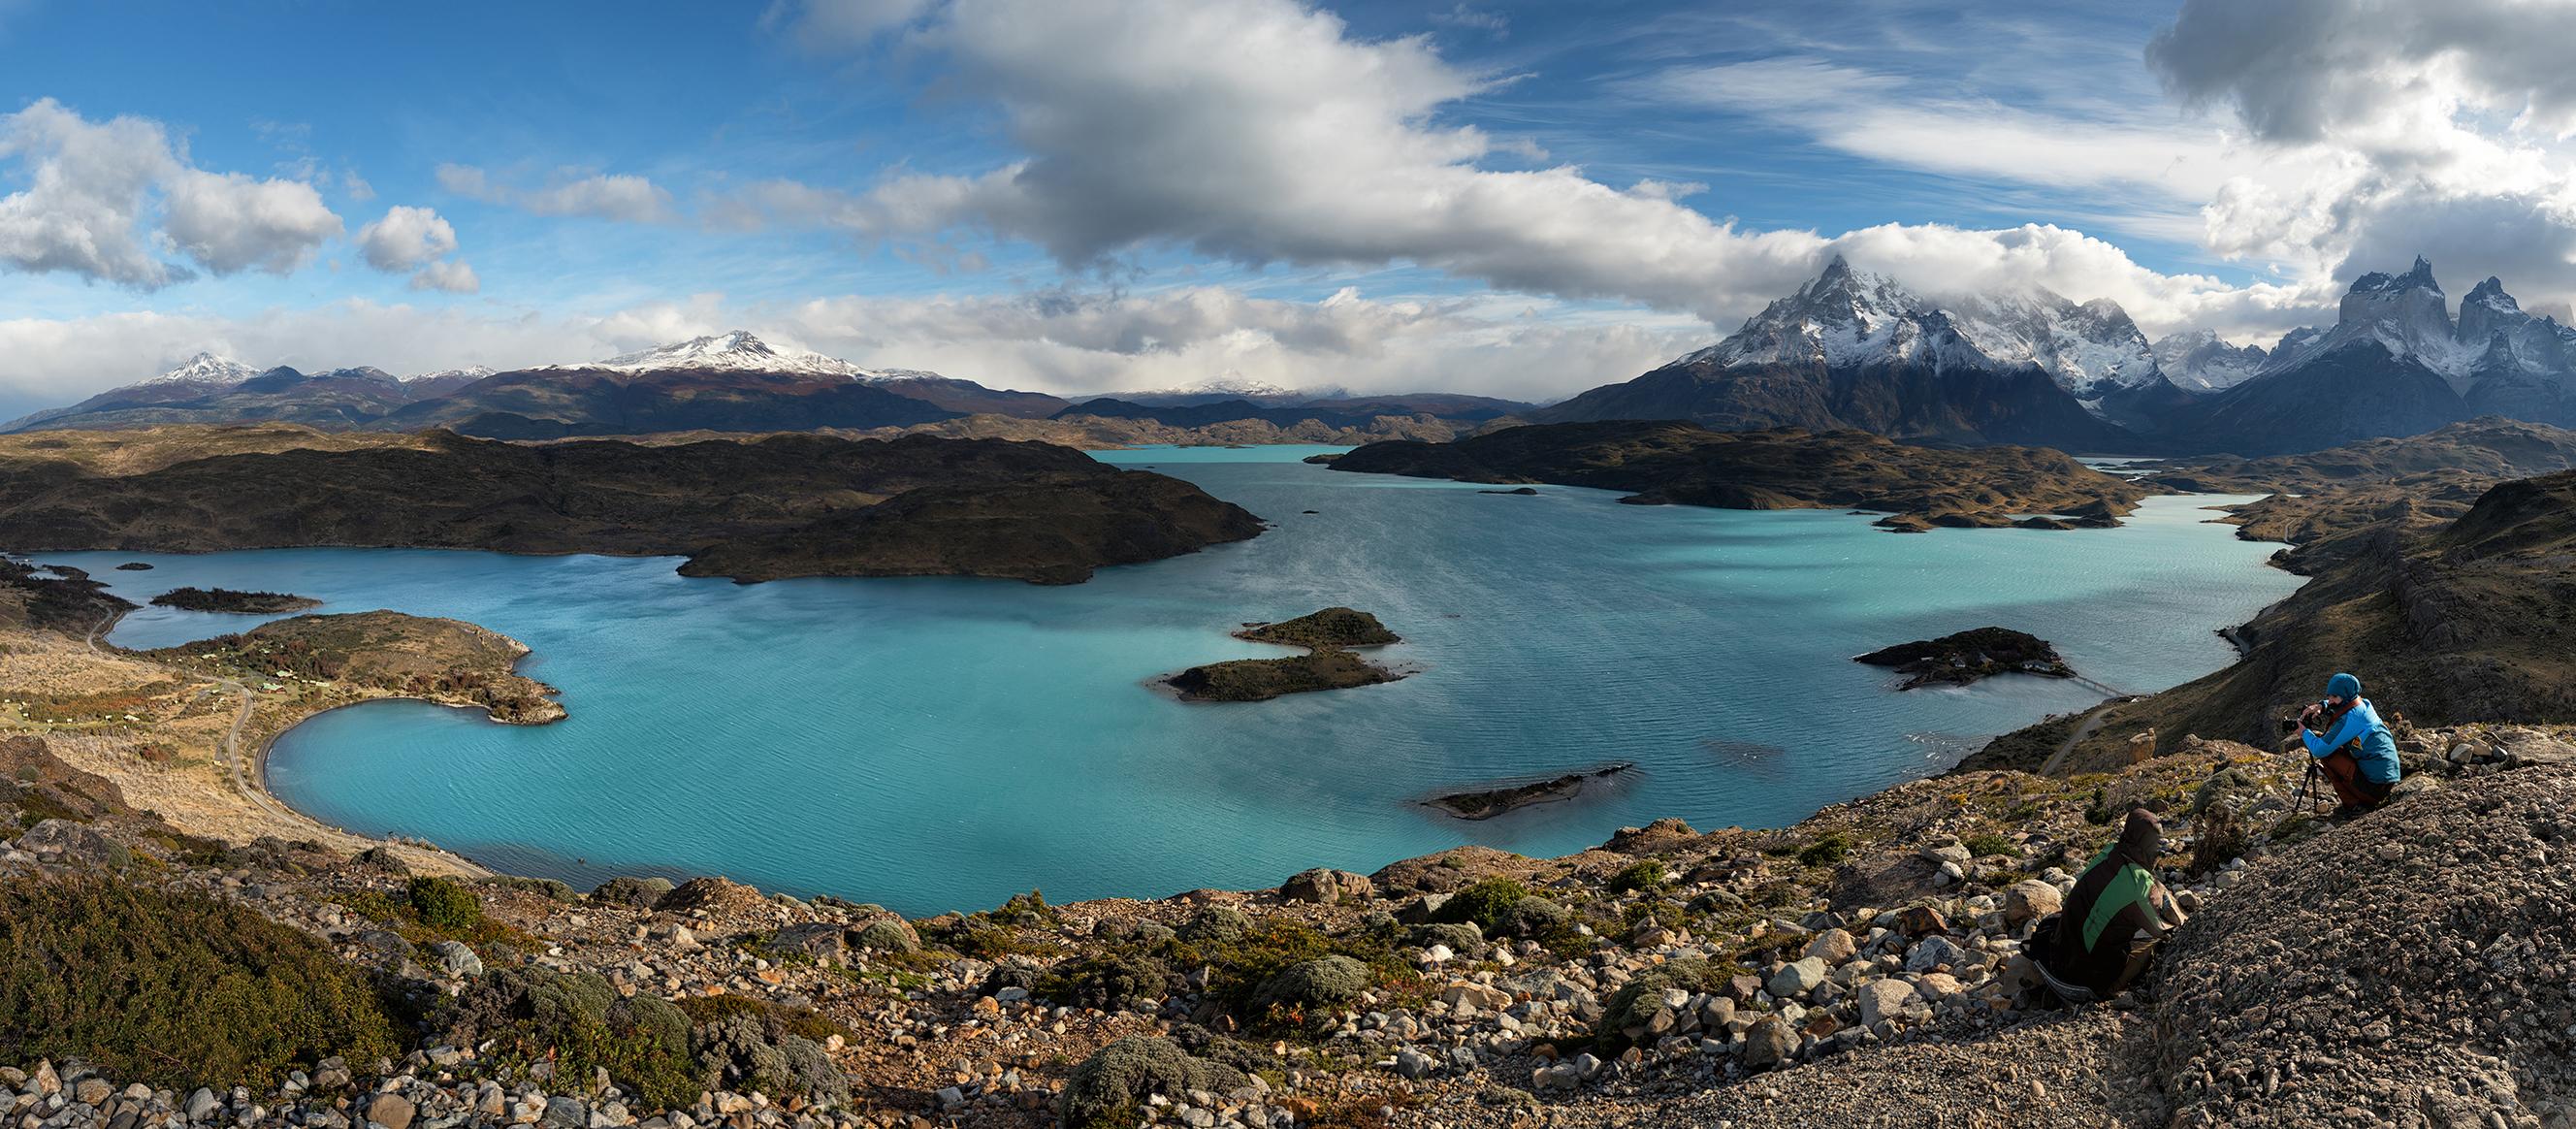 Lake Pehoe - CHILE